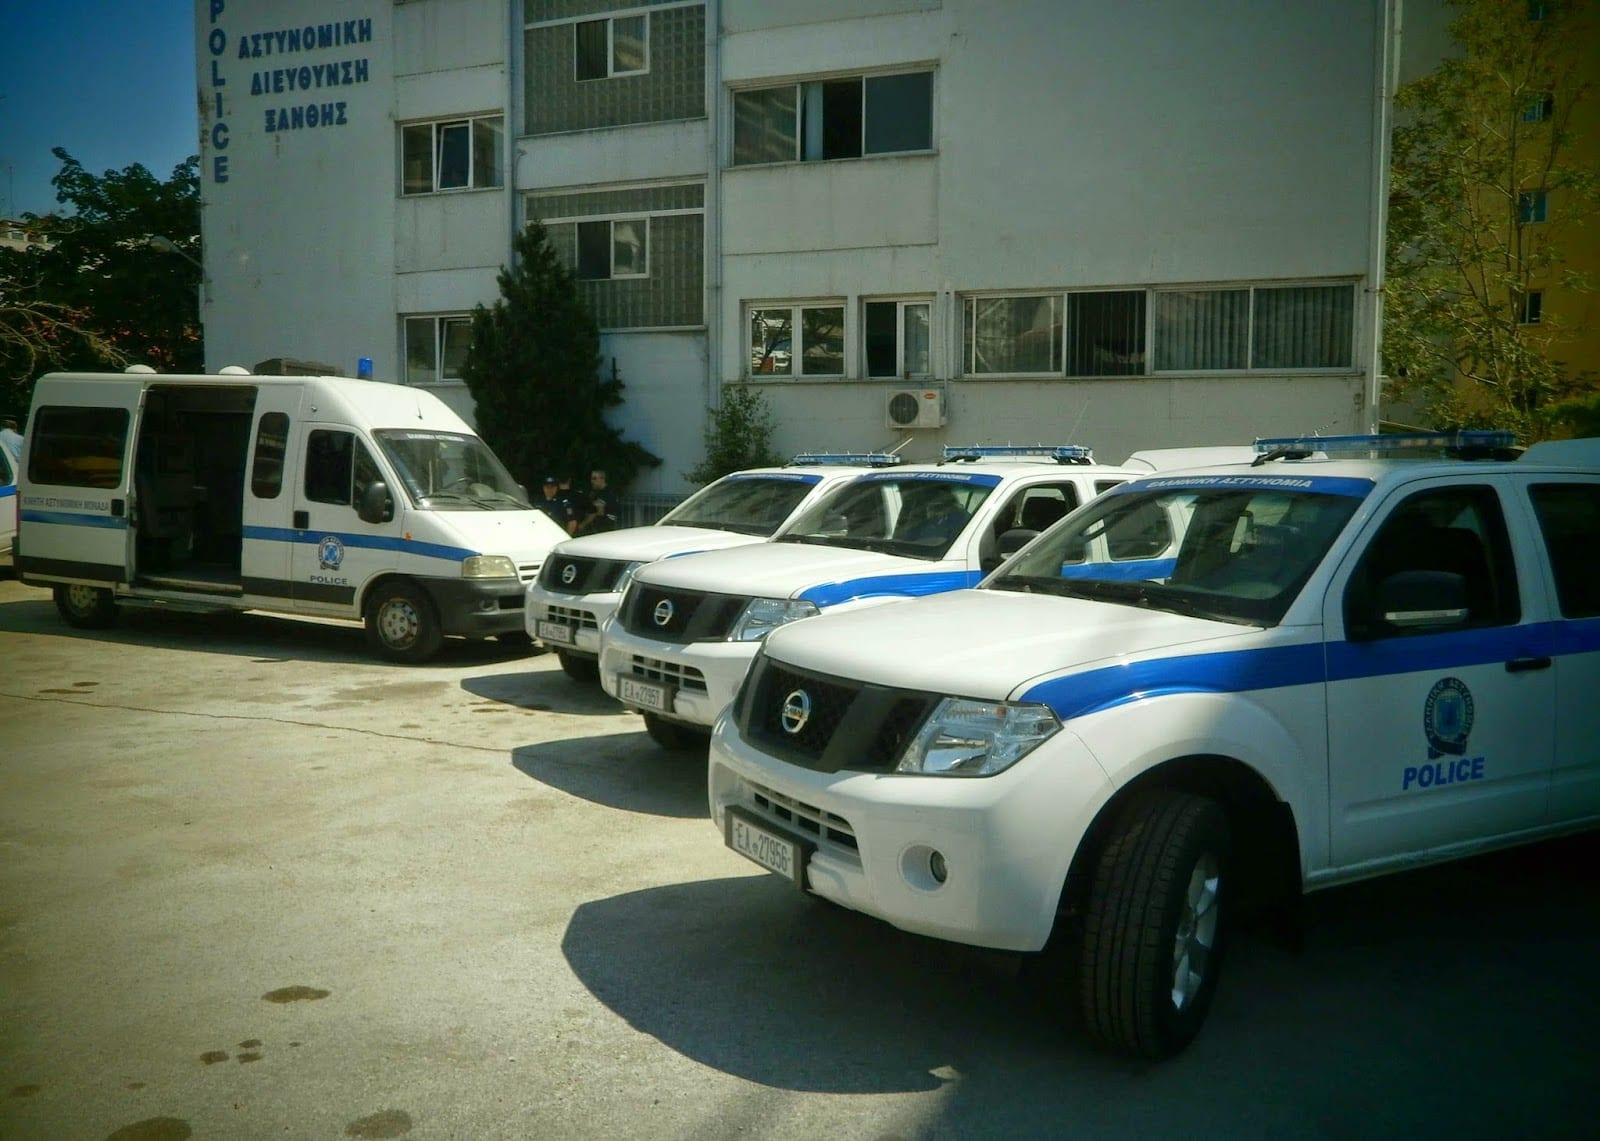 Ξεκίνησαν περιπολίες οι Κινητές Αστυνομικές Μονάδες στην Ξάνθη – Επίσημη παρουσίαση (+VIDEO)